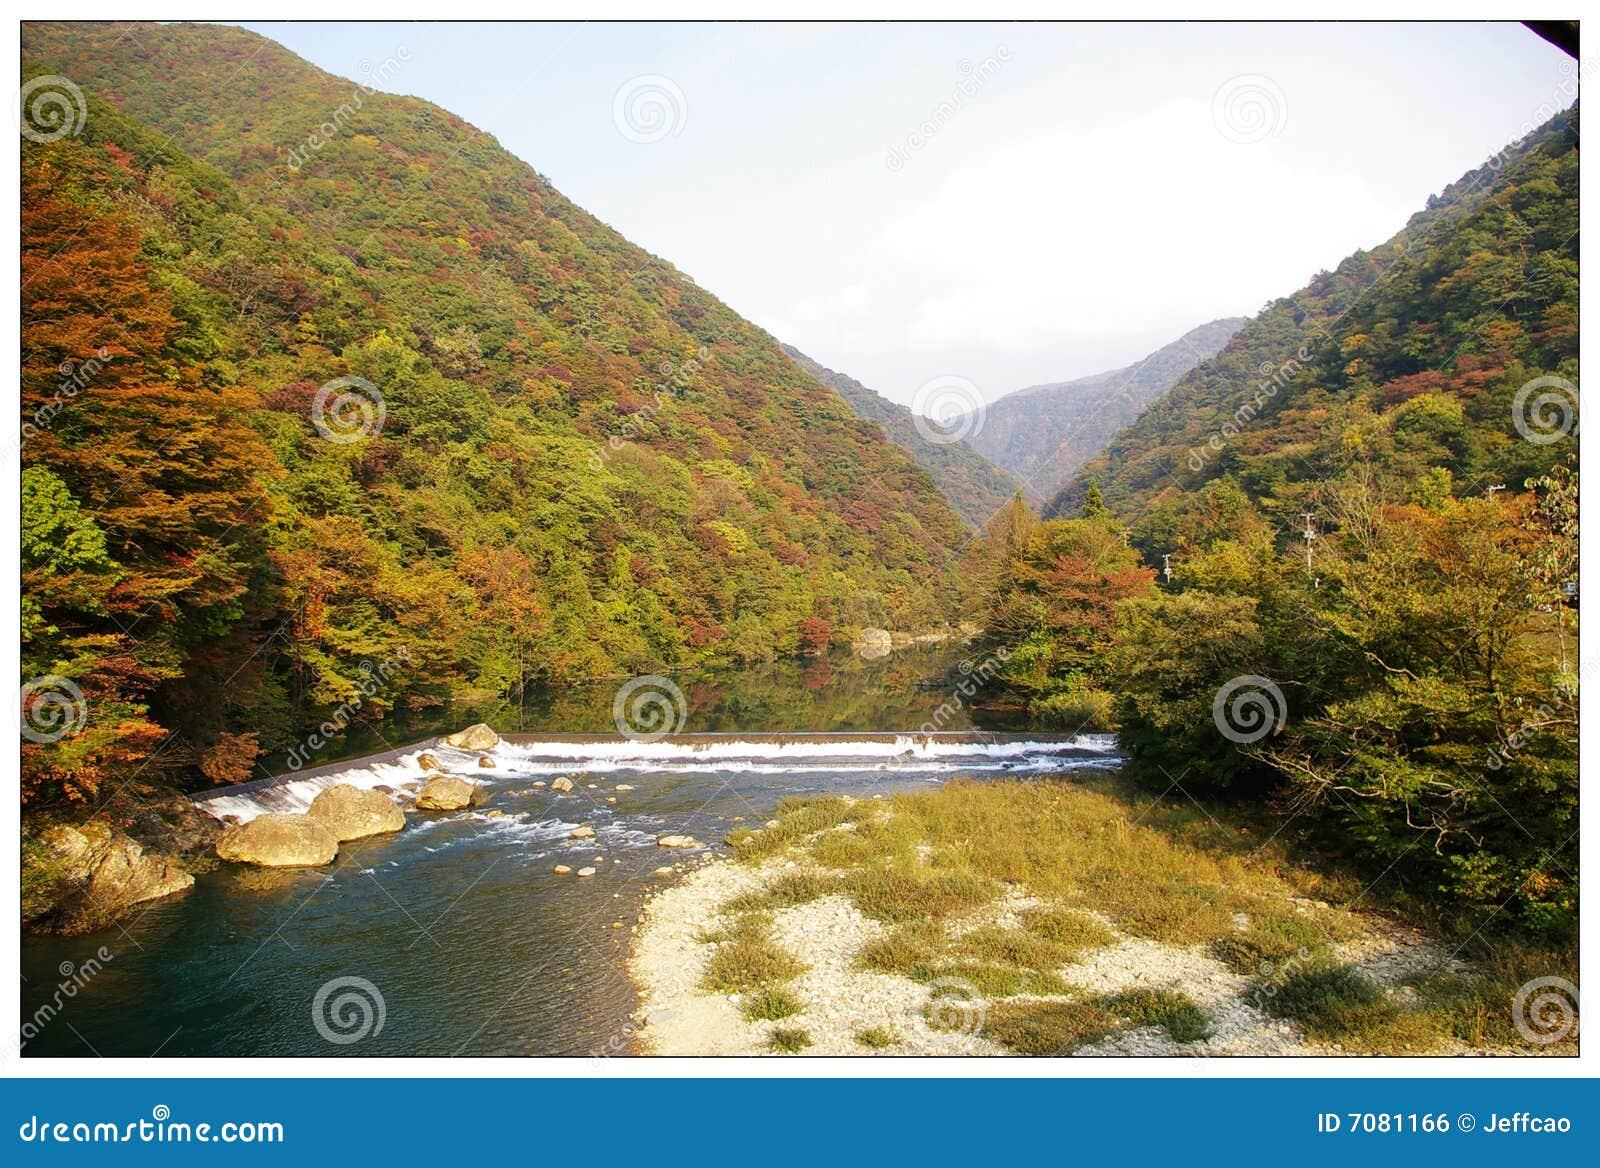 Image libre de droits: montagne et fleuves du nord est du japon